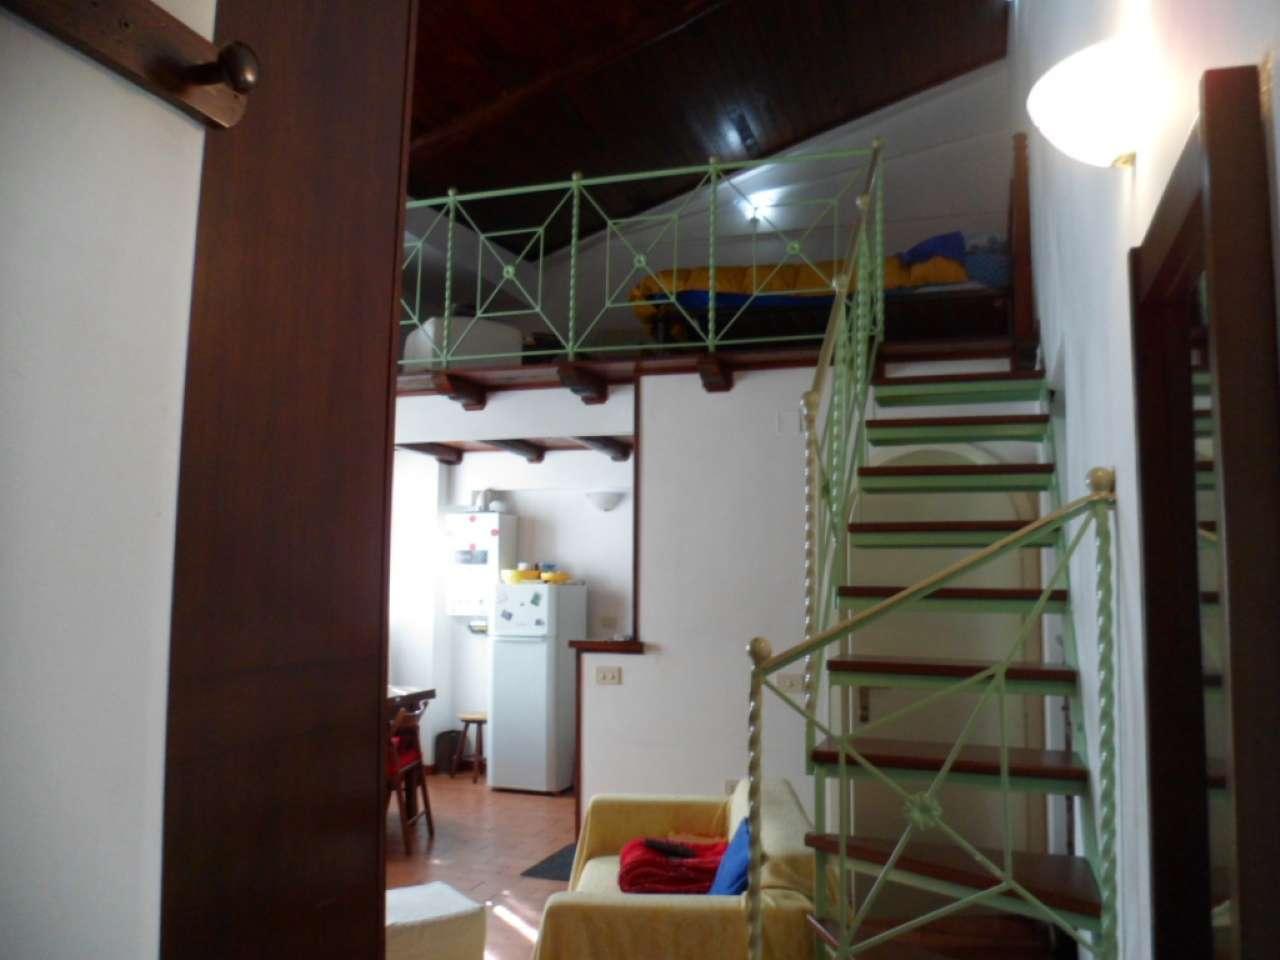 Affitto appartamento bilocale Grottaferrata